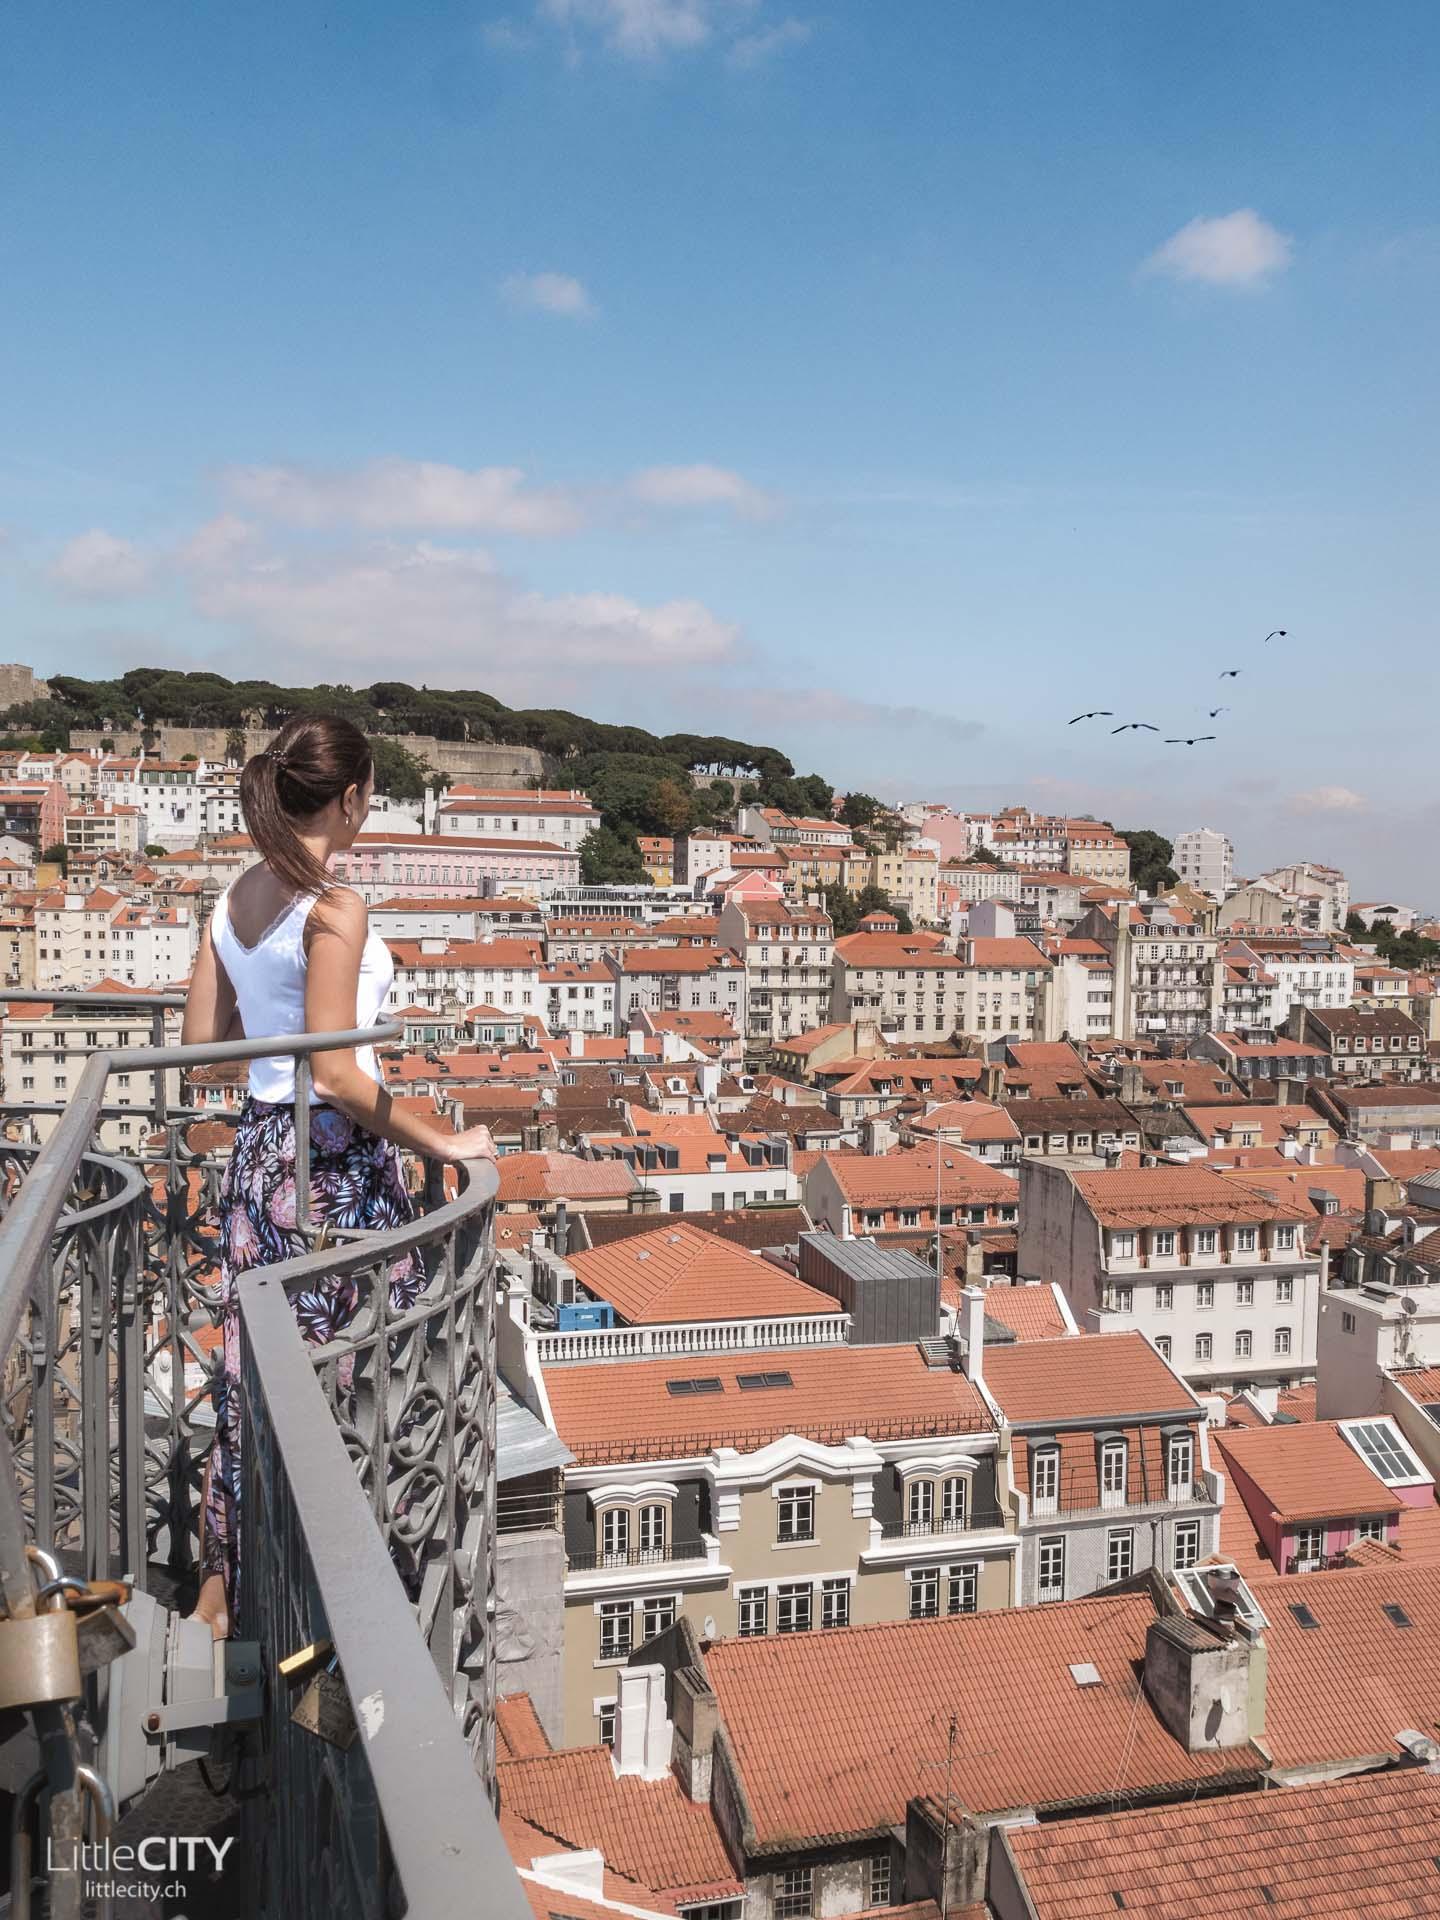 Lissabon Lift de Santa Justia Sehenswürdigkeiten